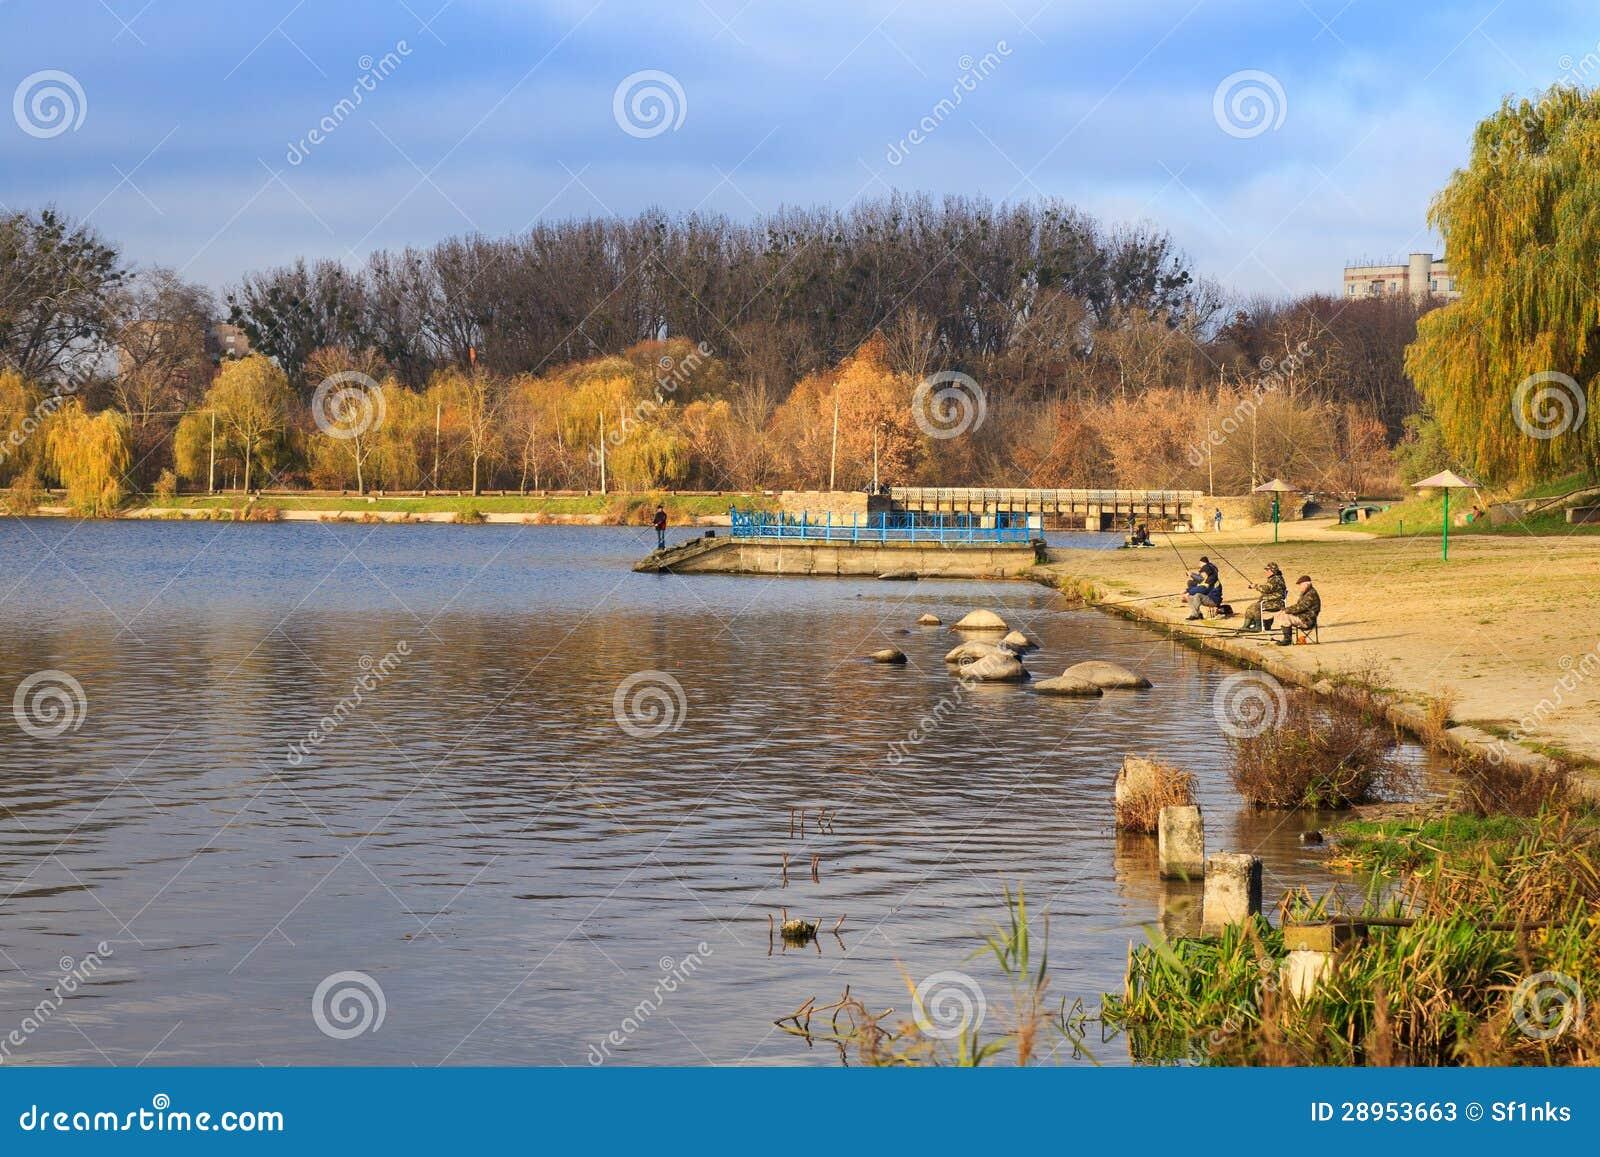 Łapać rybi rybacy na jeziorze w jesieni